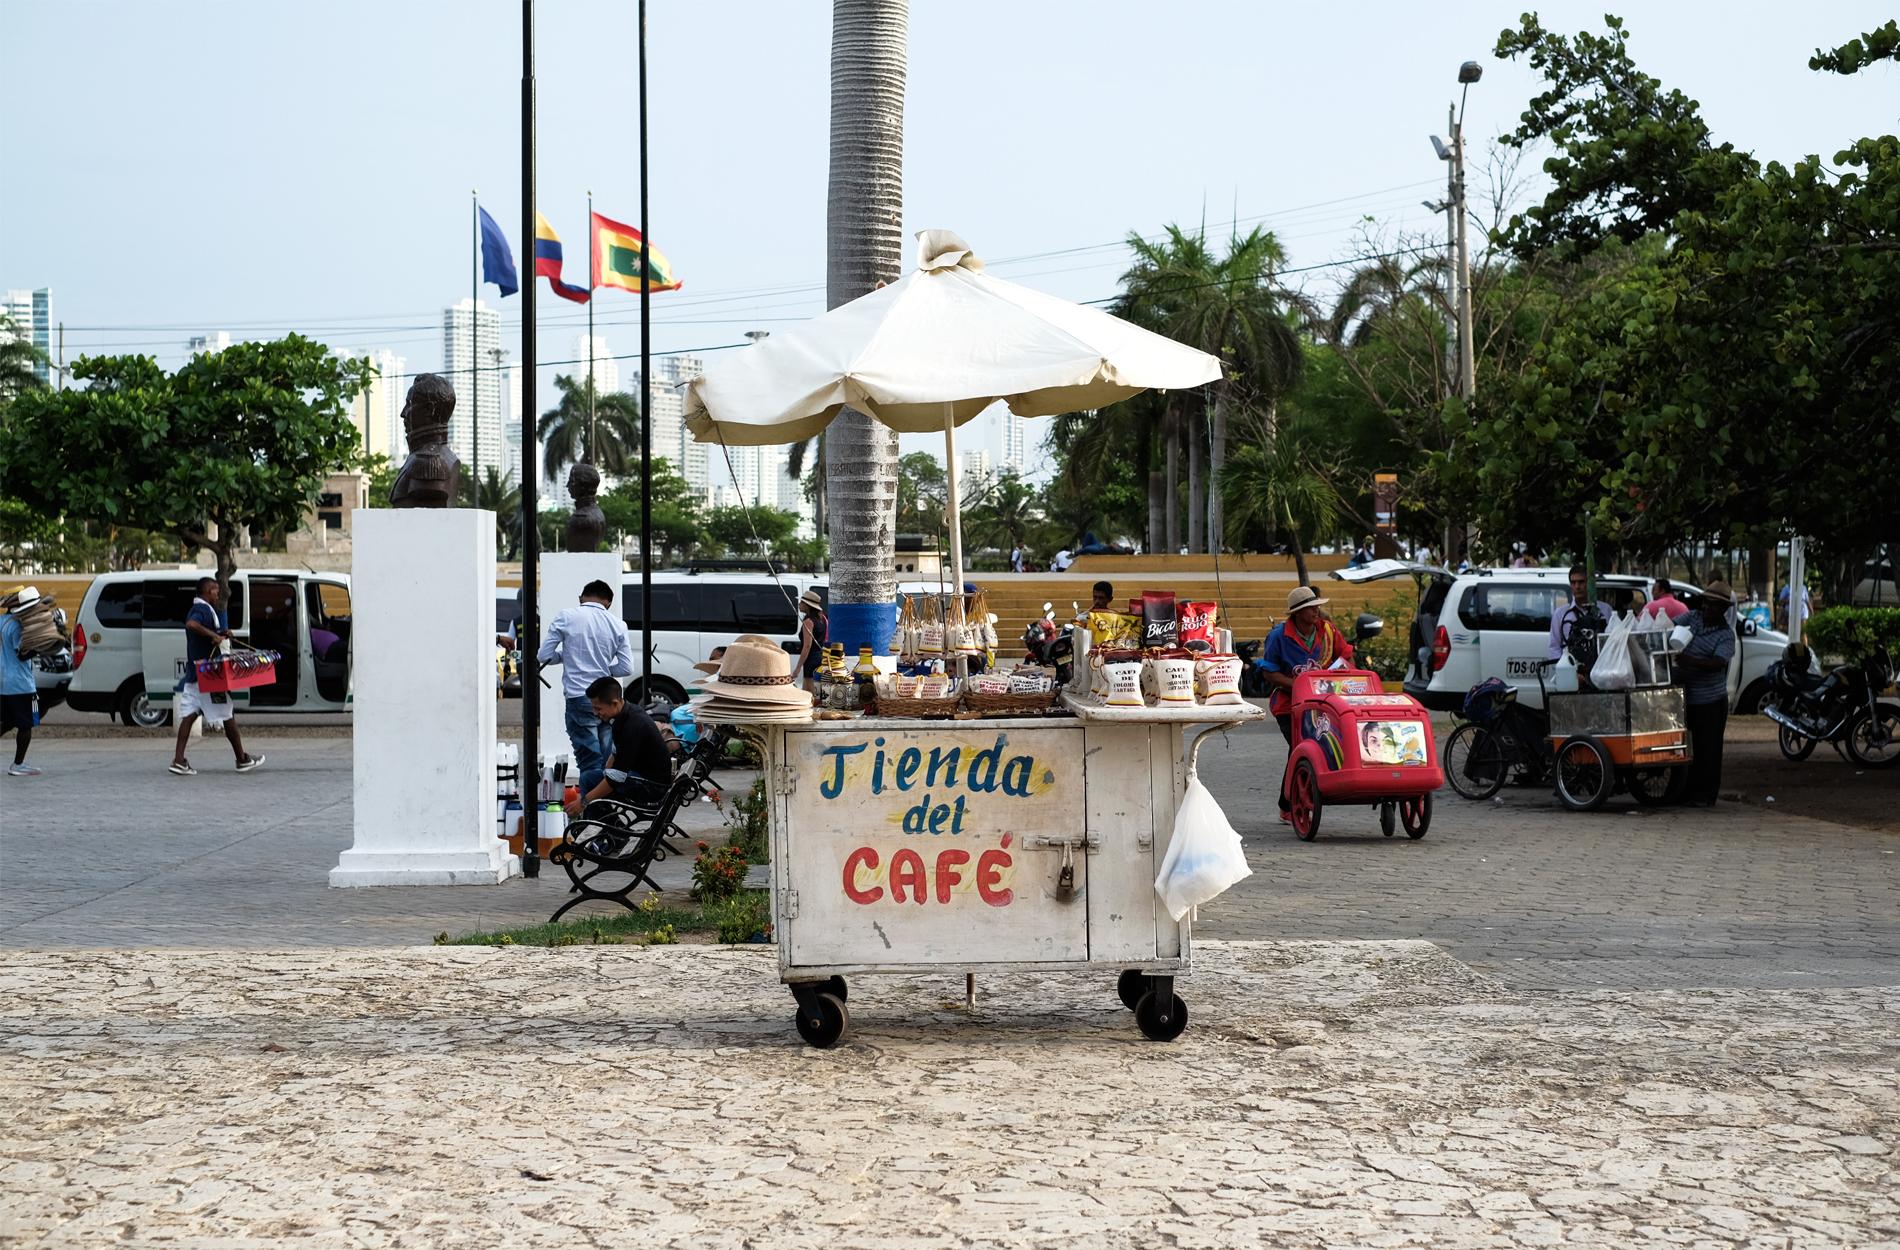 tienda del cafe stand coffee streets